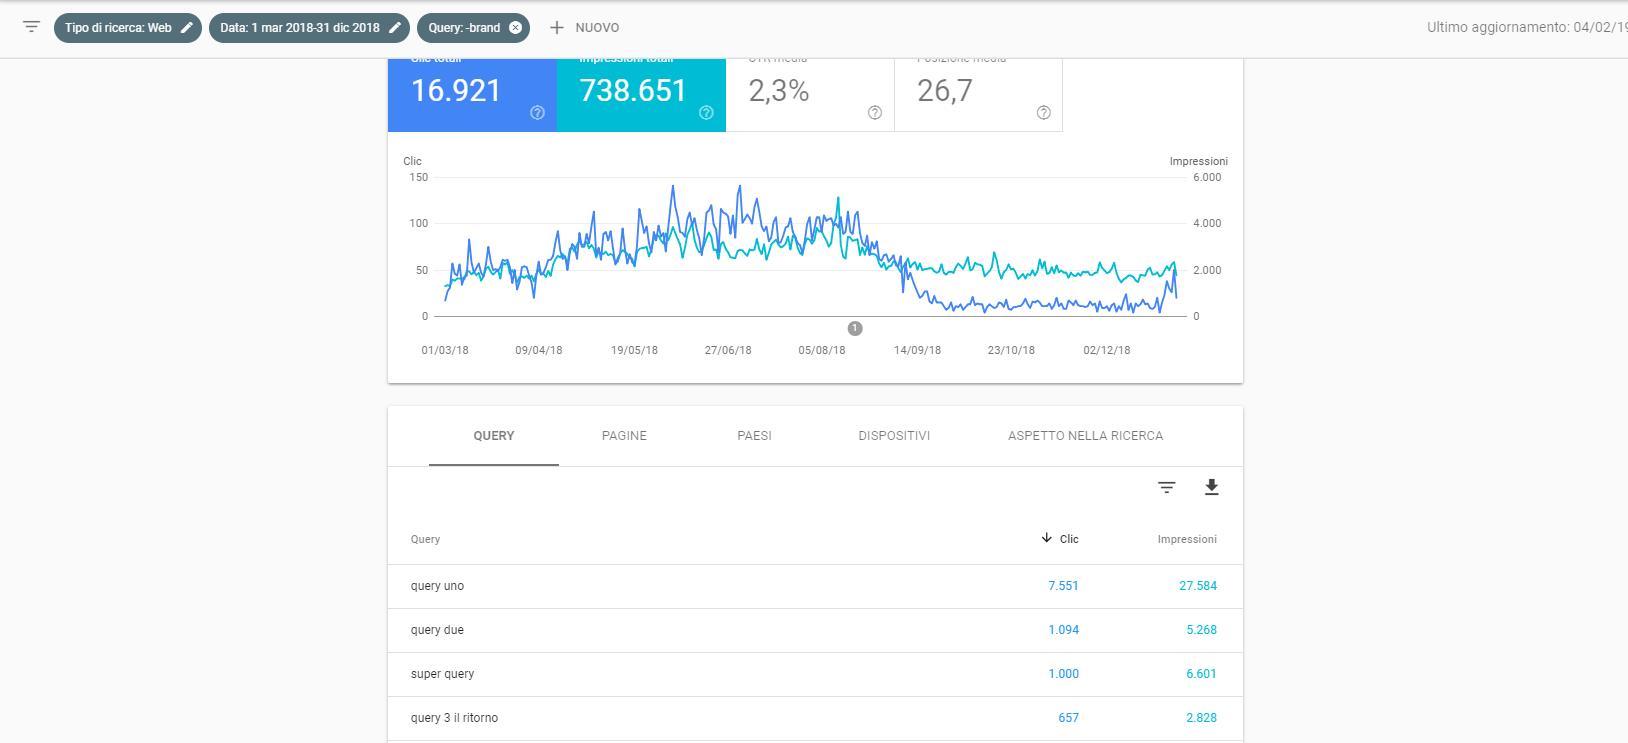 Query no-brand su Google Search Console